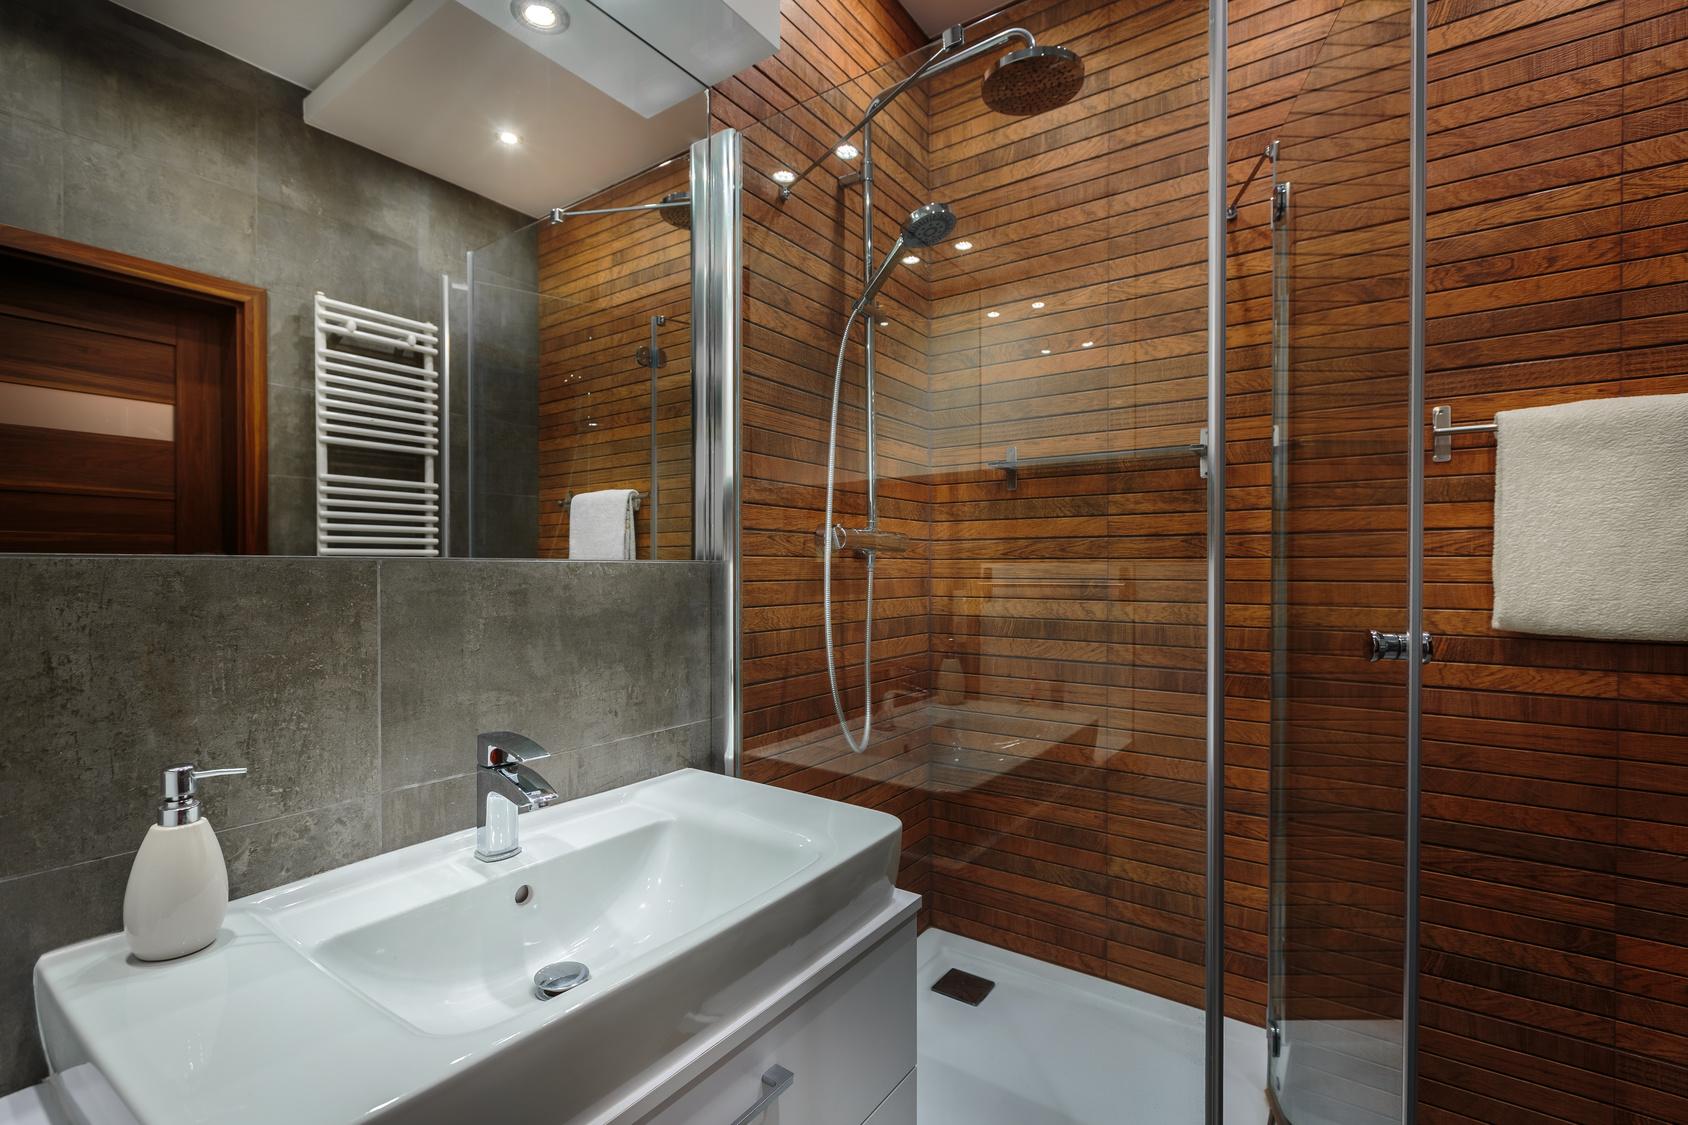 Elementy Drewna W Twojej łazience Jak Urządzić Nowoczesne Wnętrze